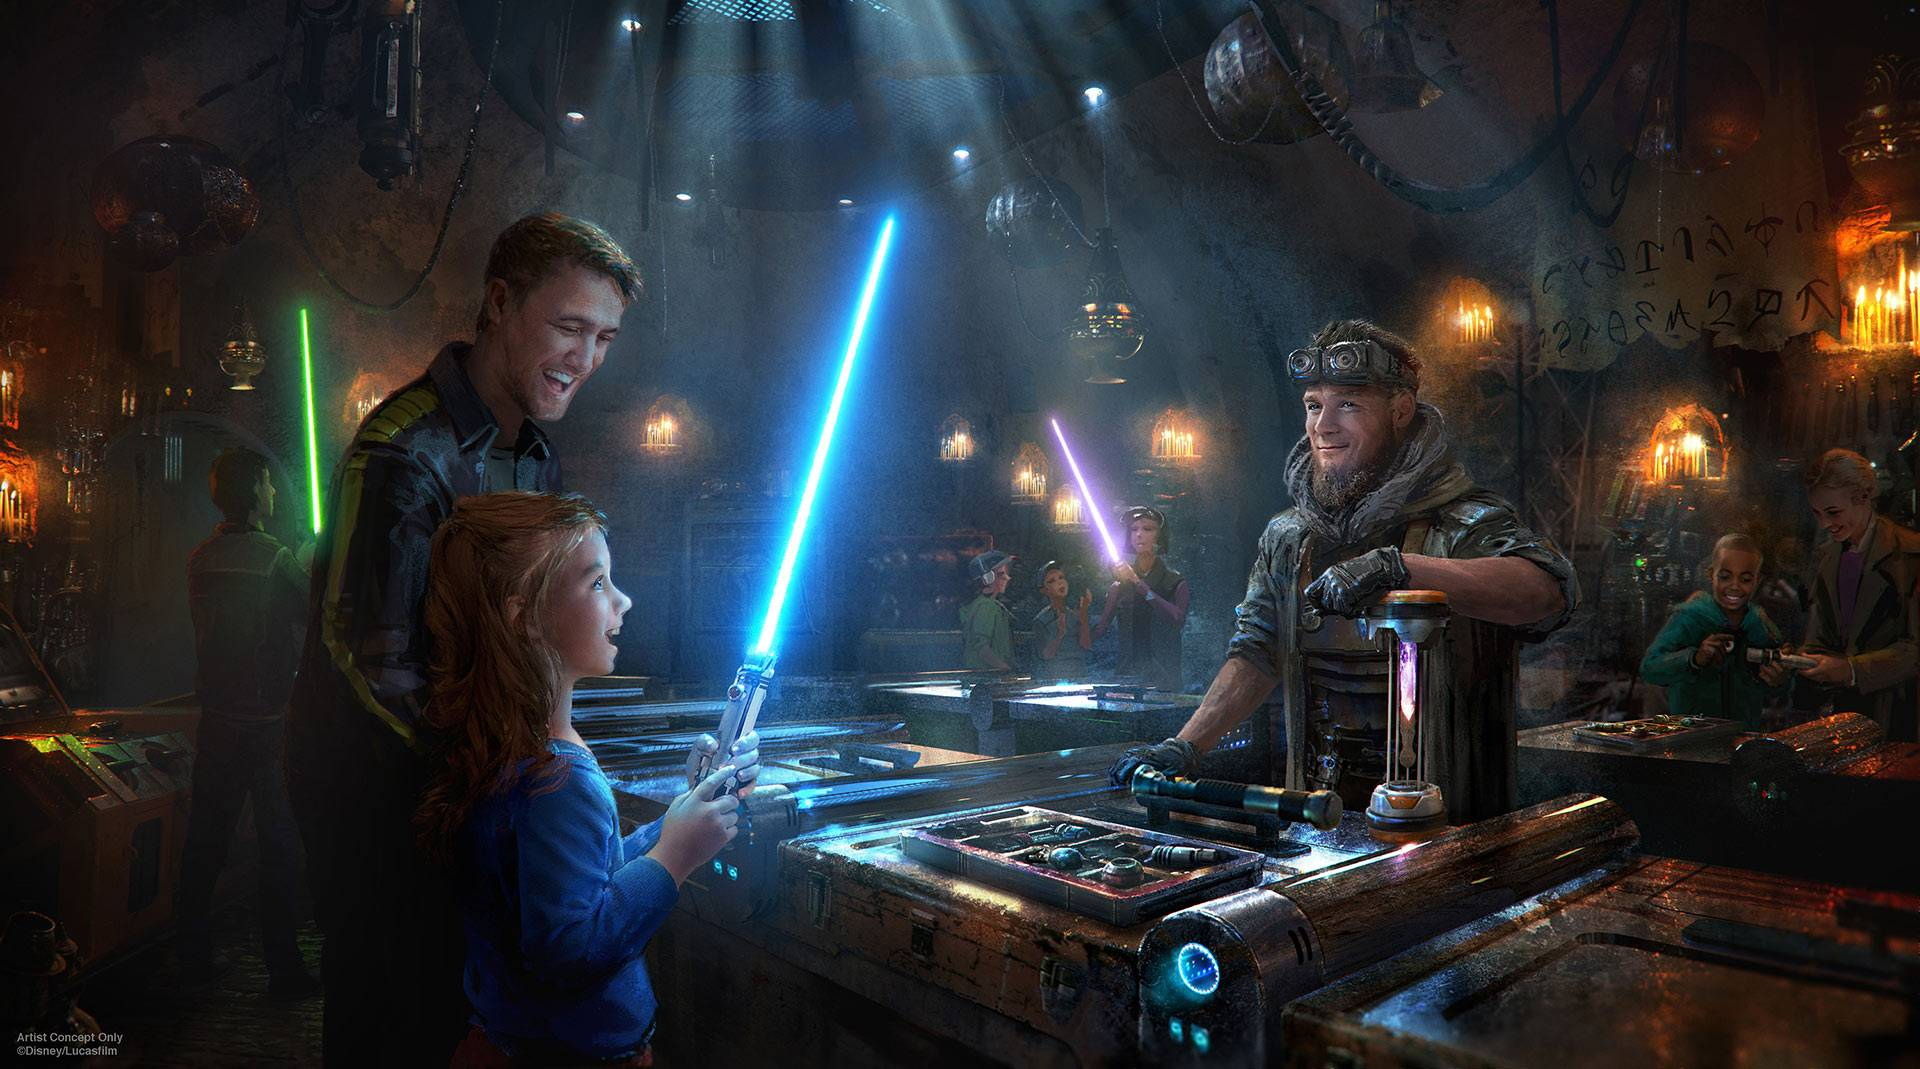 «Диснейленд» по «Звёздным войнам»: что будет в Galaxy's Edge 20